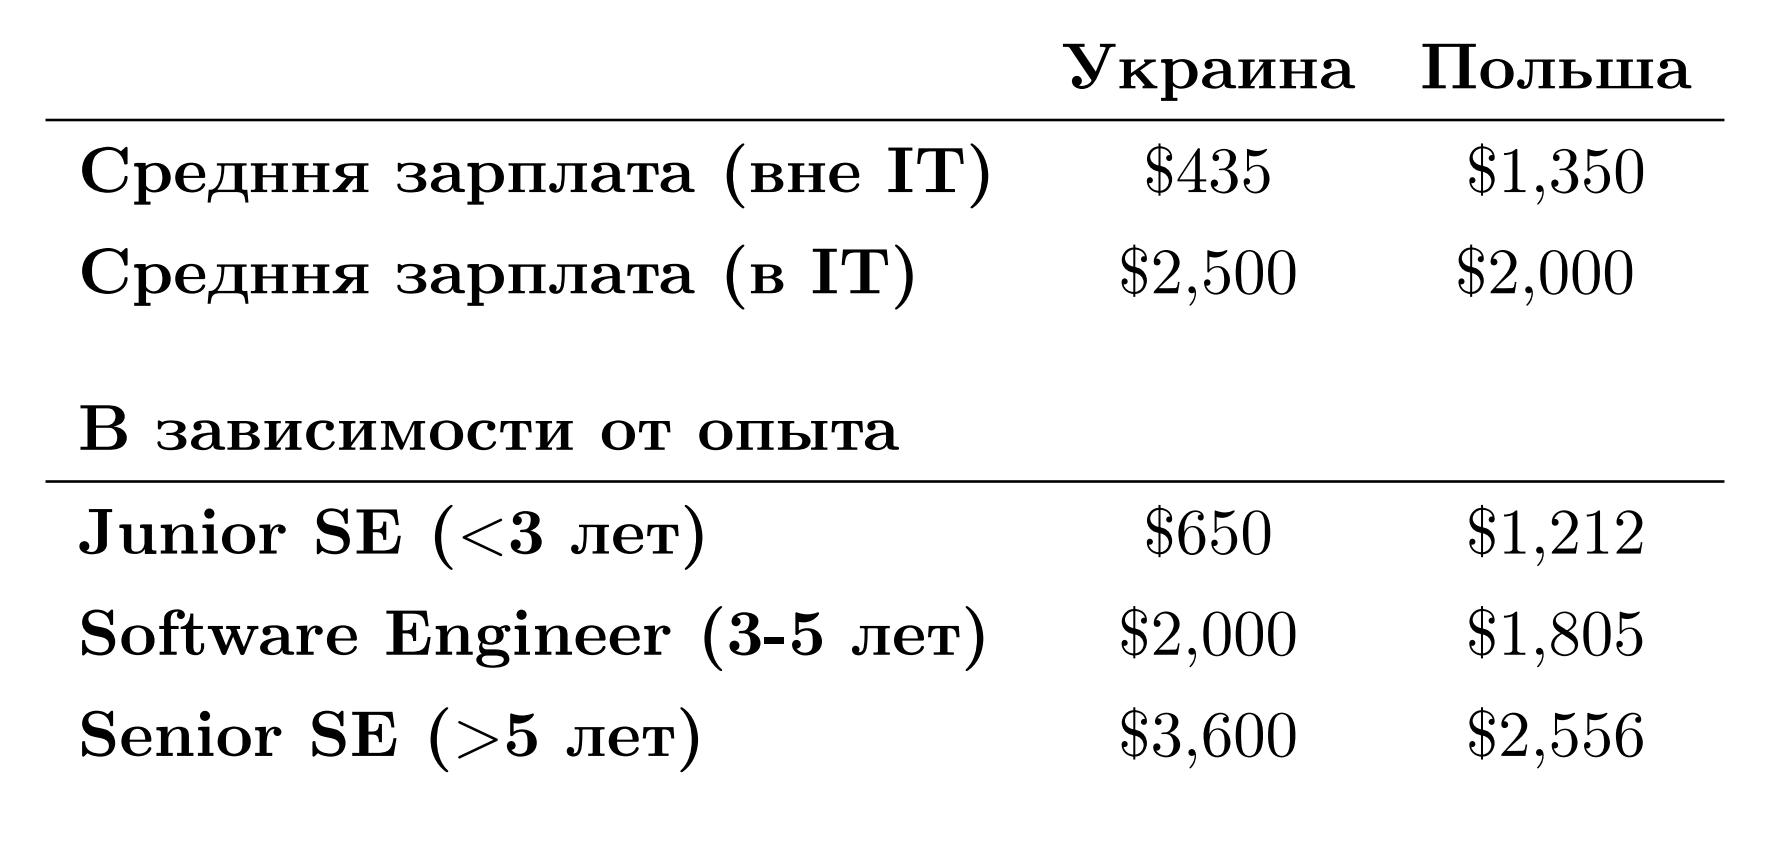 Сравнение рынка IT Польши и Украины